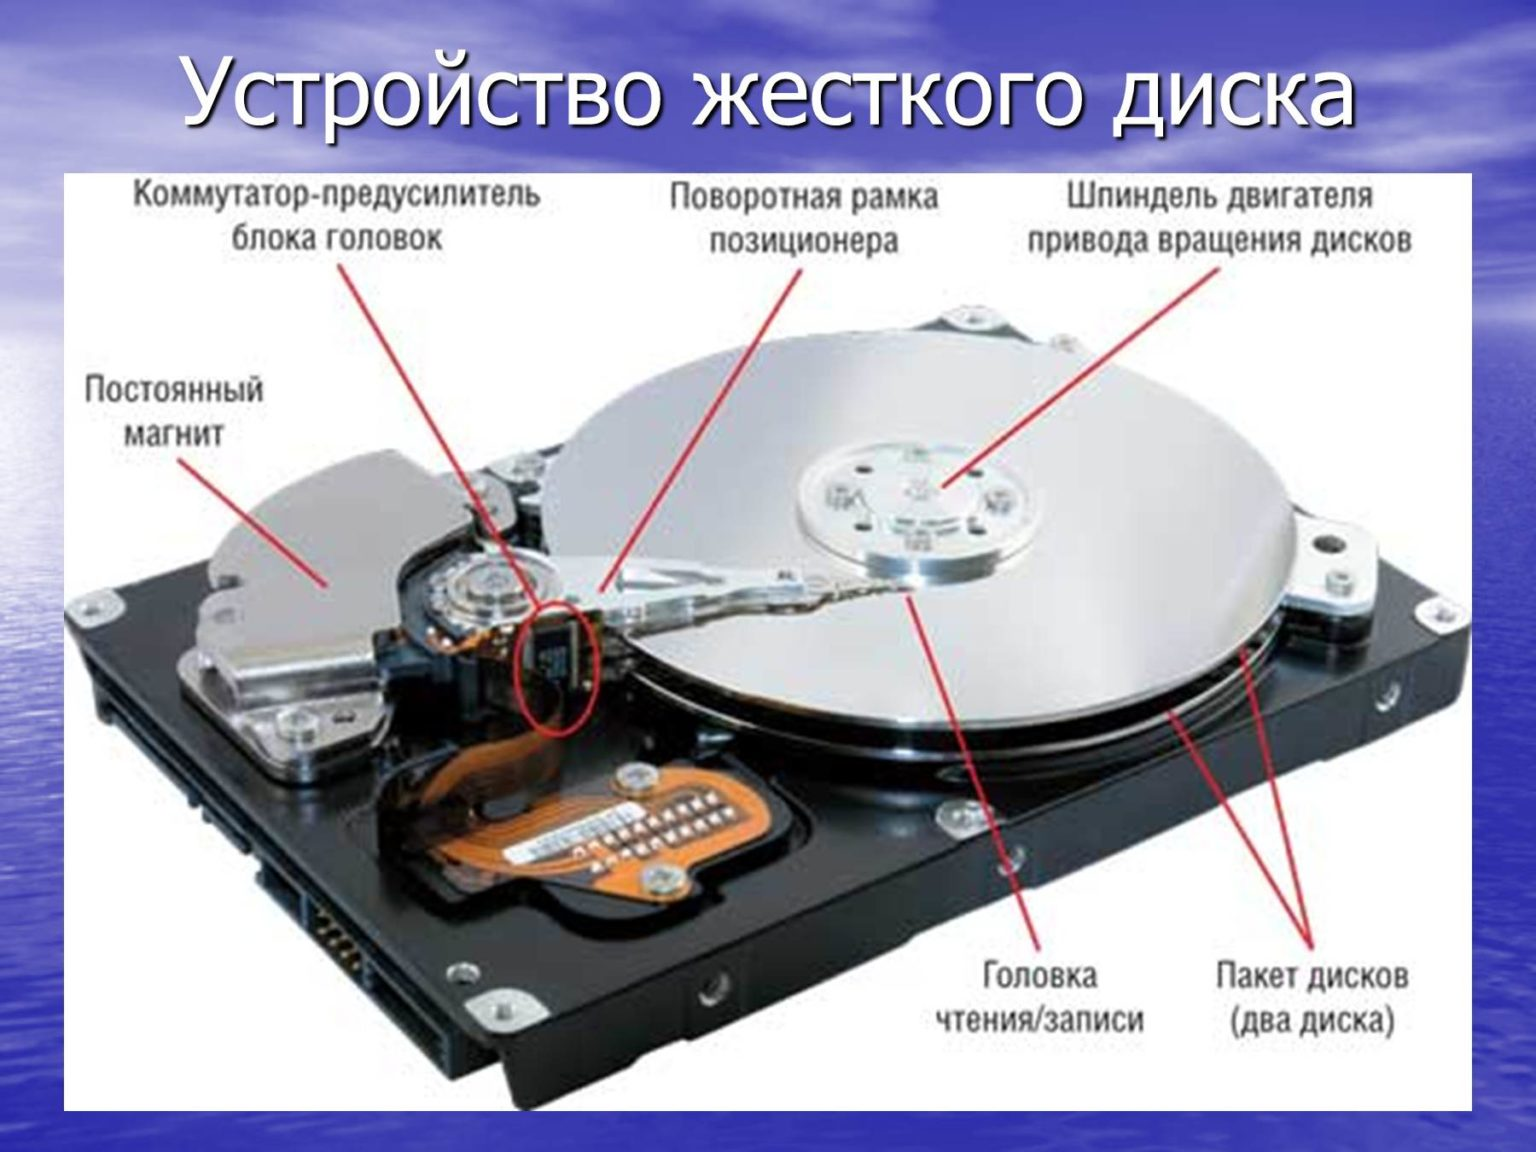 сколько места занимает жесткий диск